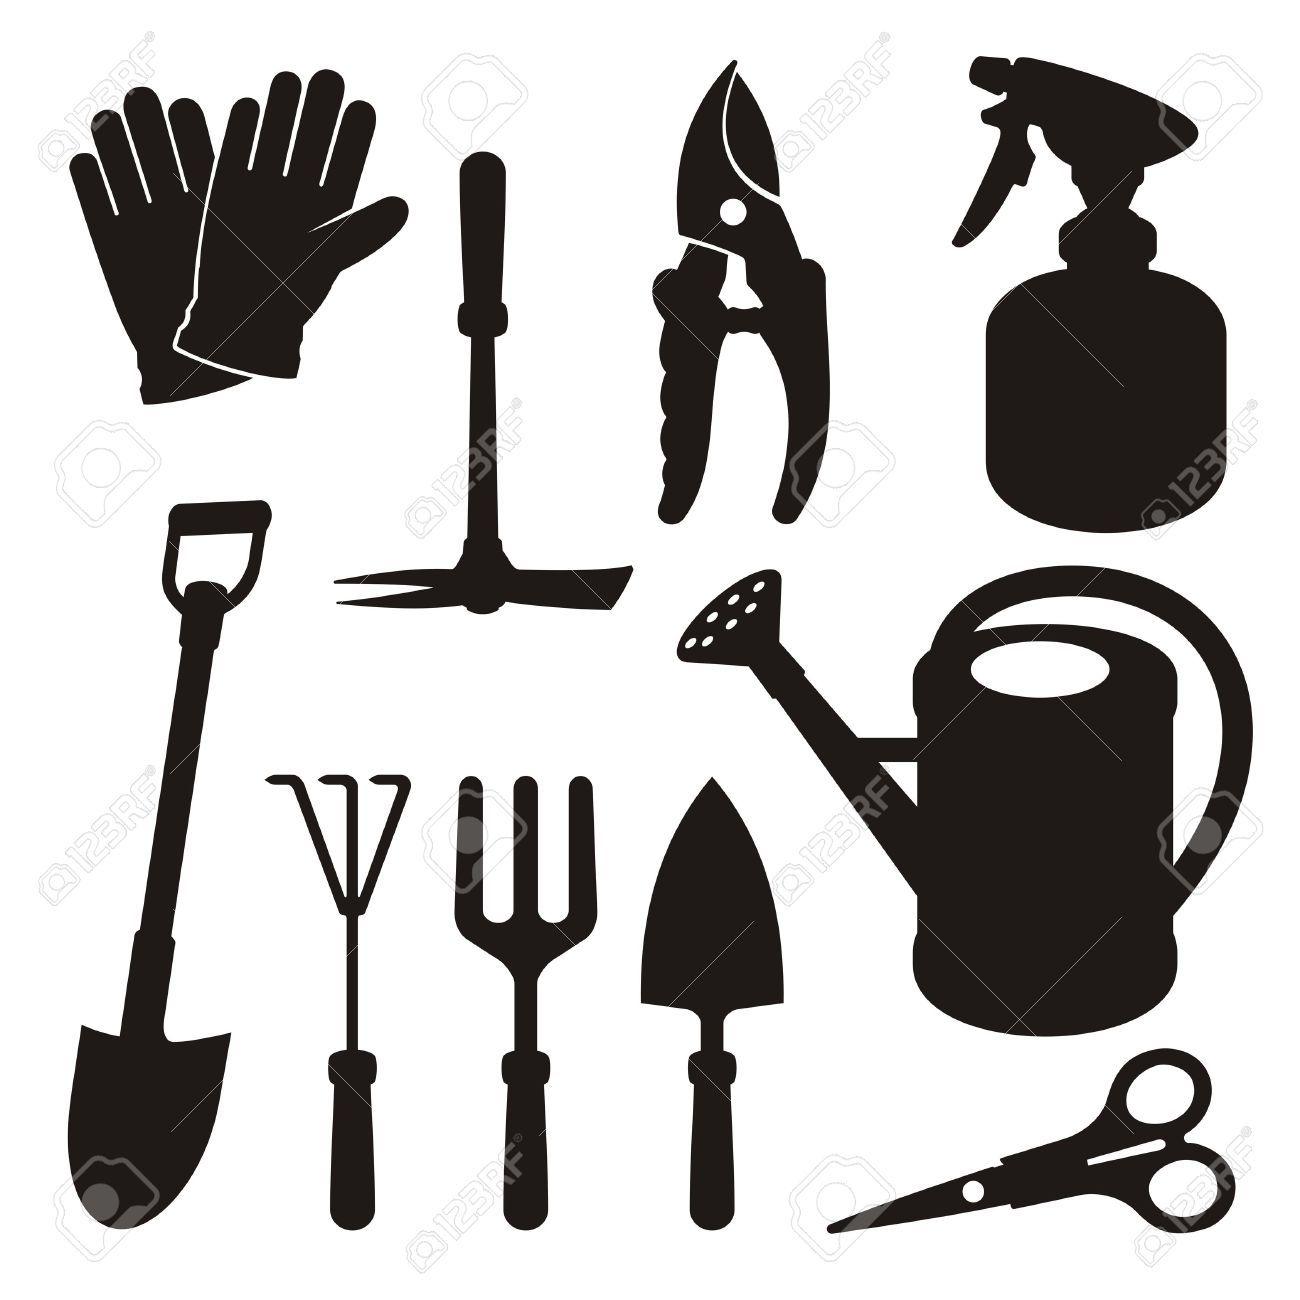 Gardening tools stock illustrations. Gardener clipart garden spade